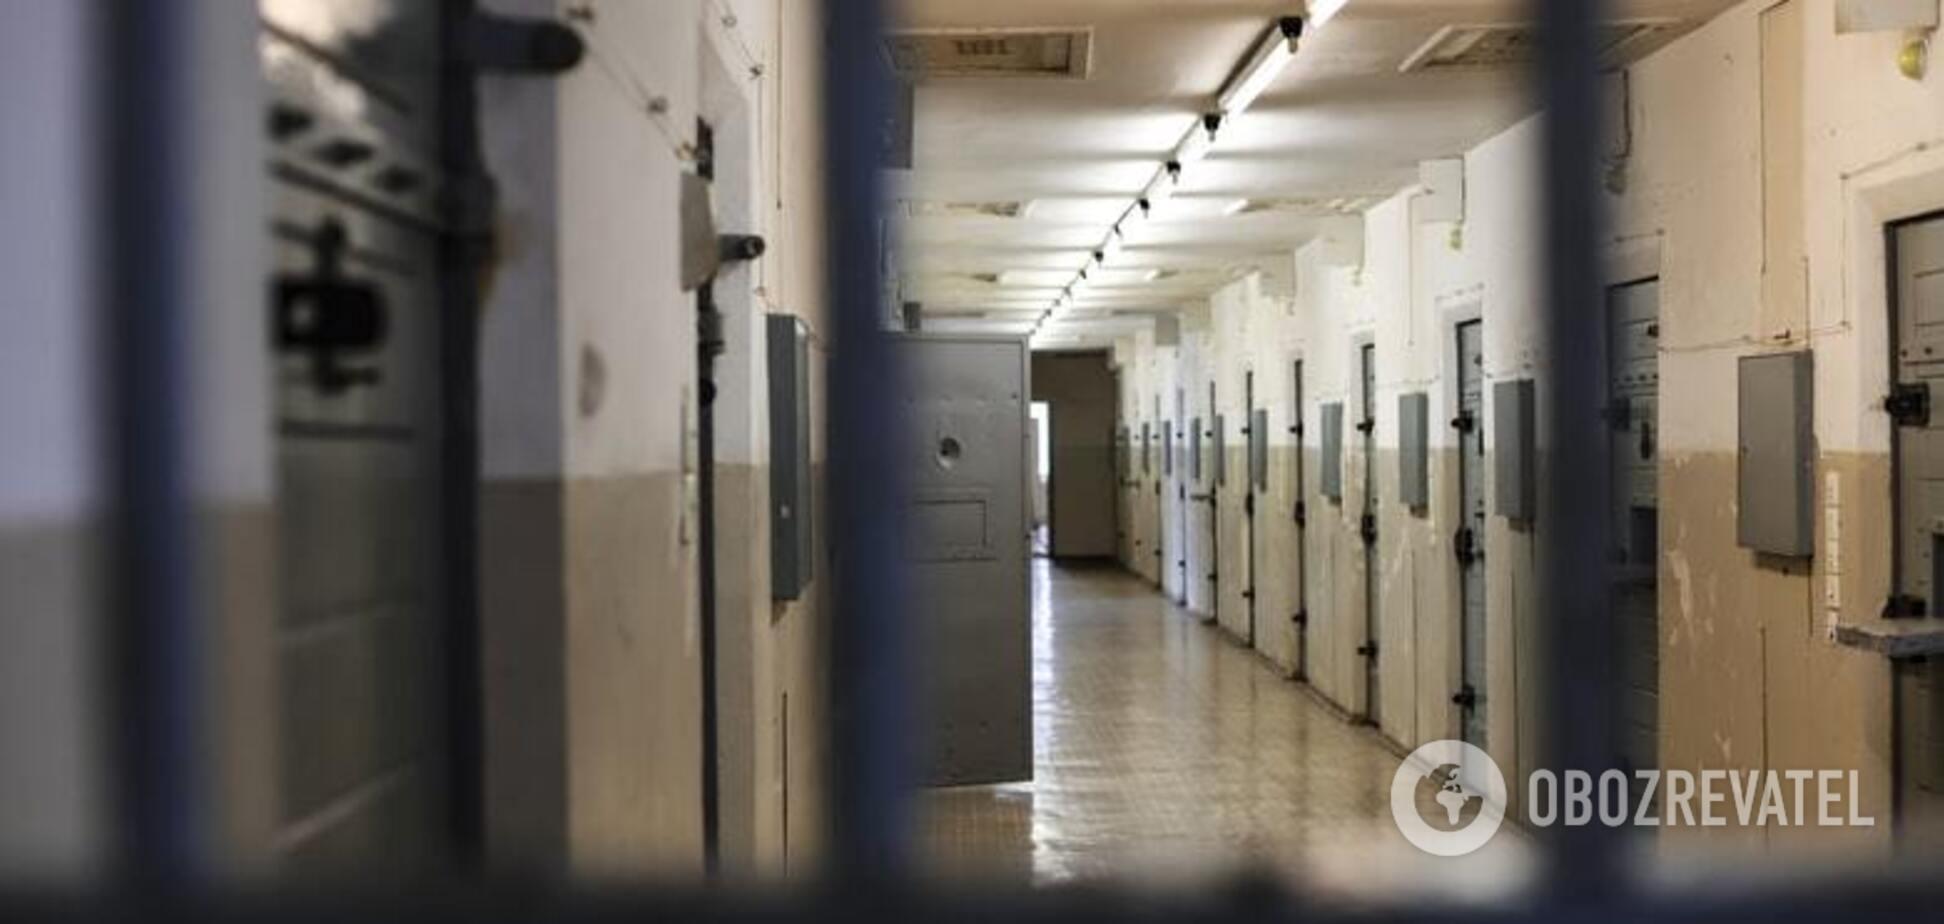 Пытки, психотропы, неоказание медпомощи: омбудсмен об условиях для украинцев в тюрьмах РФ